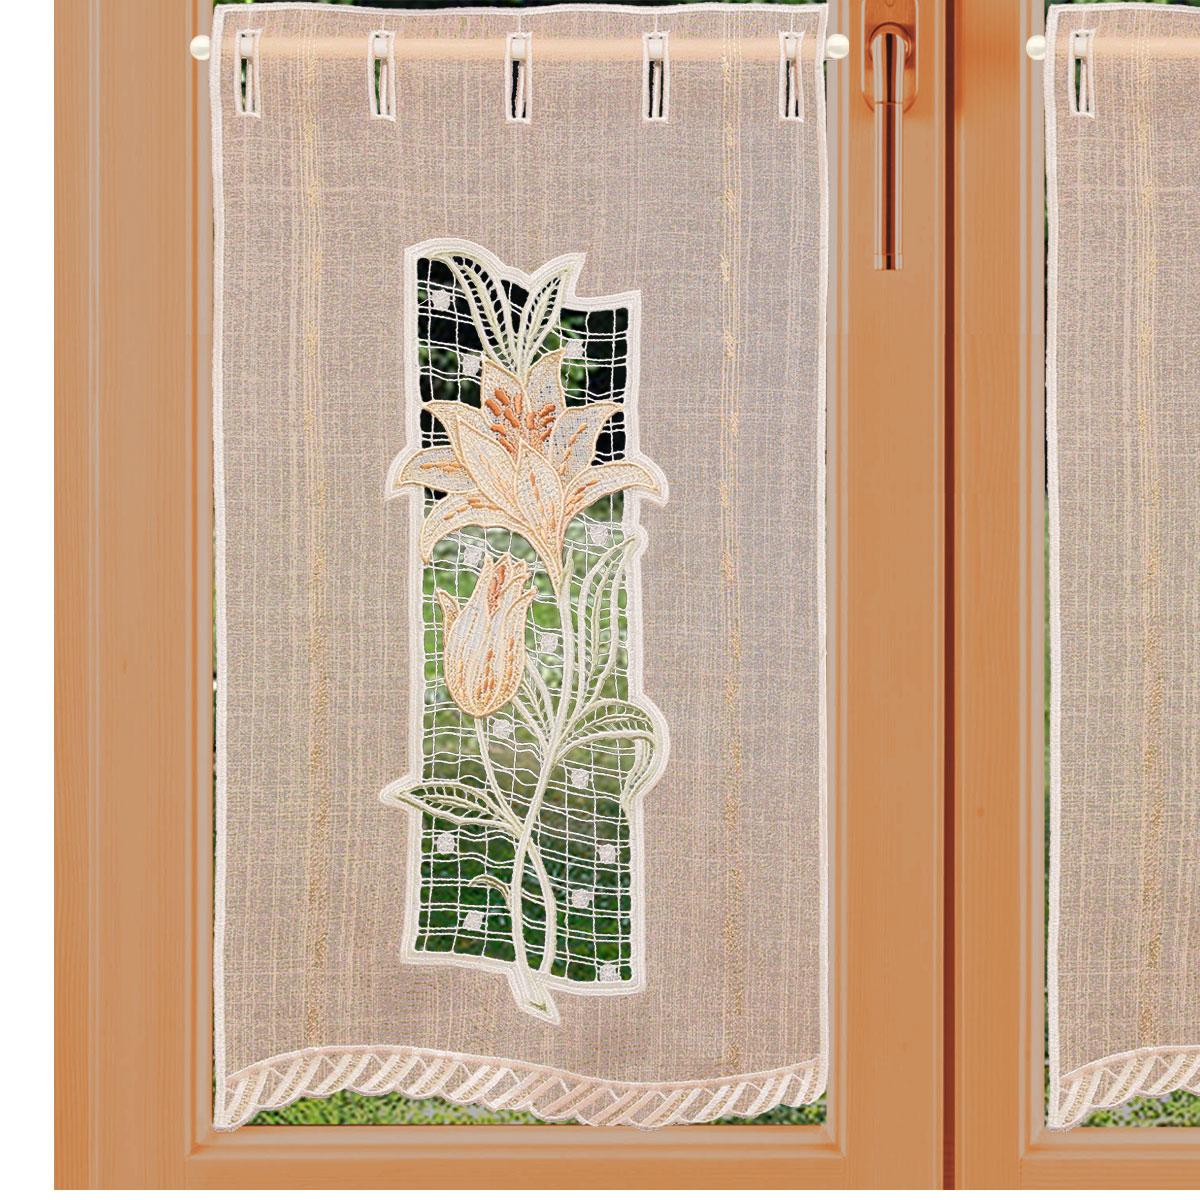 Full Size of Bett Landhausstil Boxspring Regal Sofa Esstisch Schlafzimmer Weiß Bad Wohnzimmer Küche Wohnzimmer Französischer Landhausstil